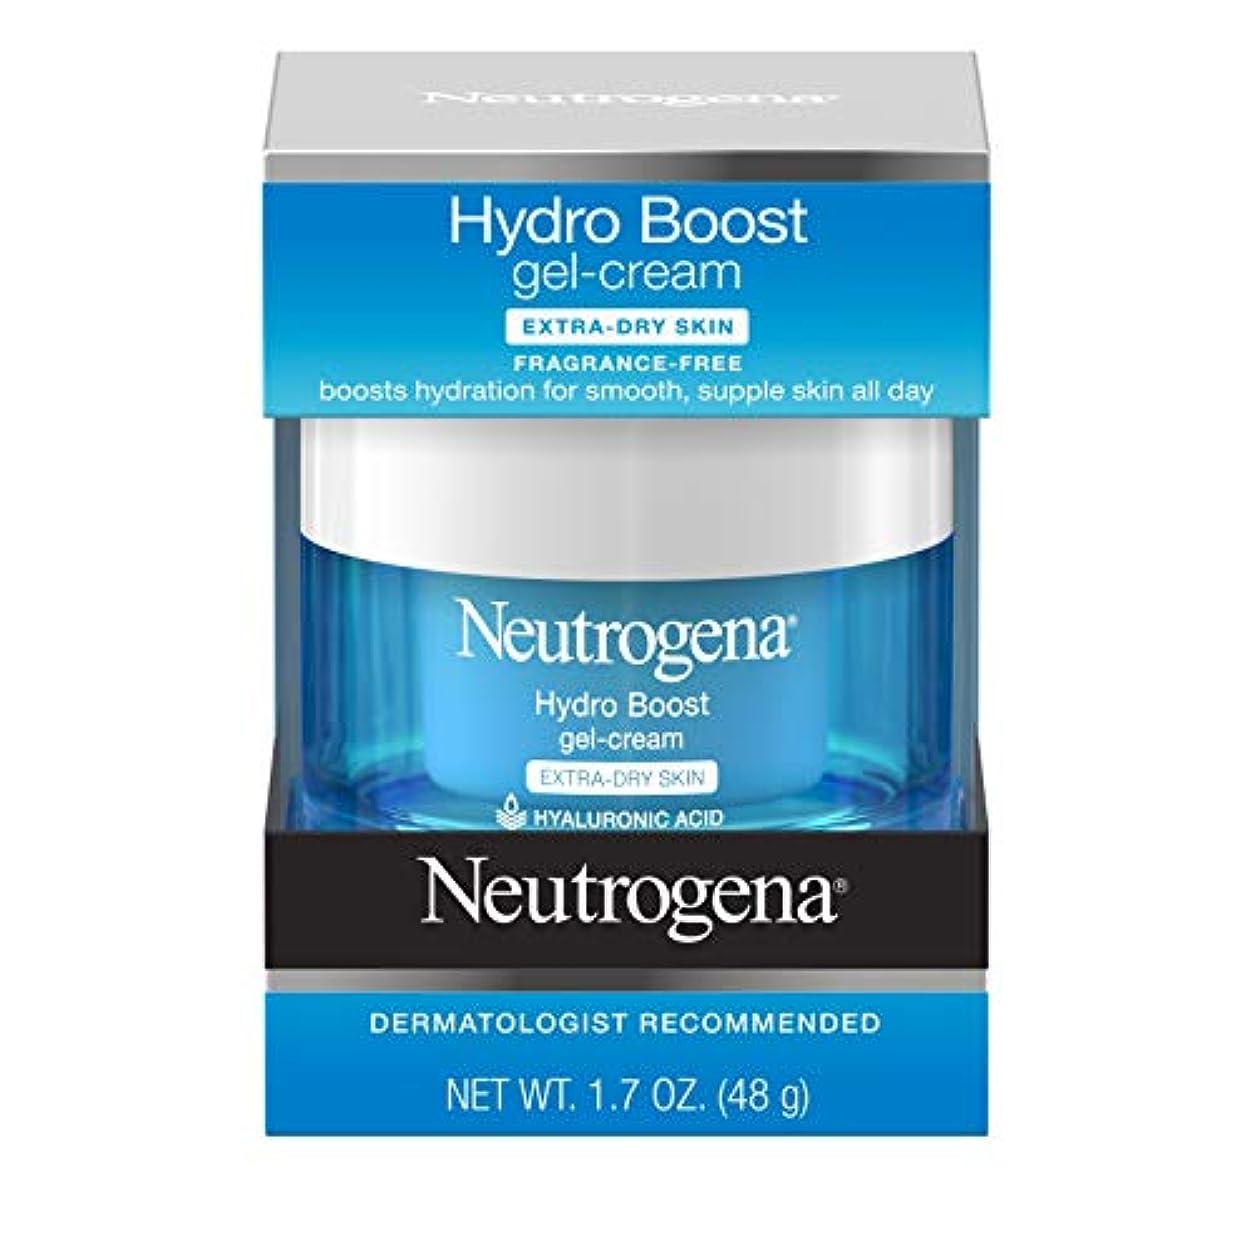 に向かって結論ハンバーガーNeutrogena Hydro Boost Gel Cream, Extra Dry Skin, 1.7 Ounce  海外直送品?並行輸入品